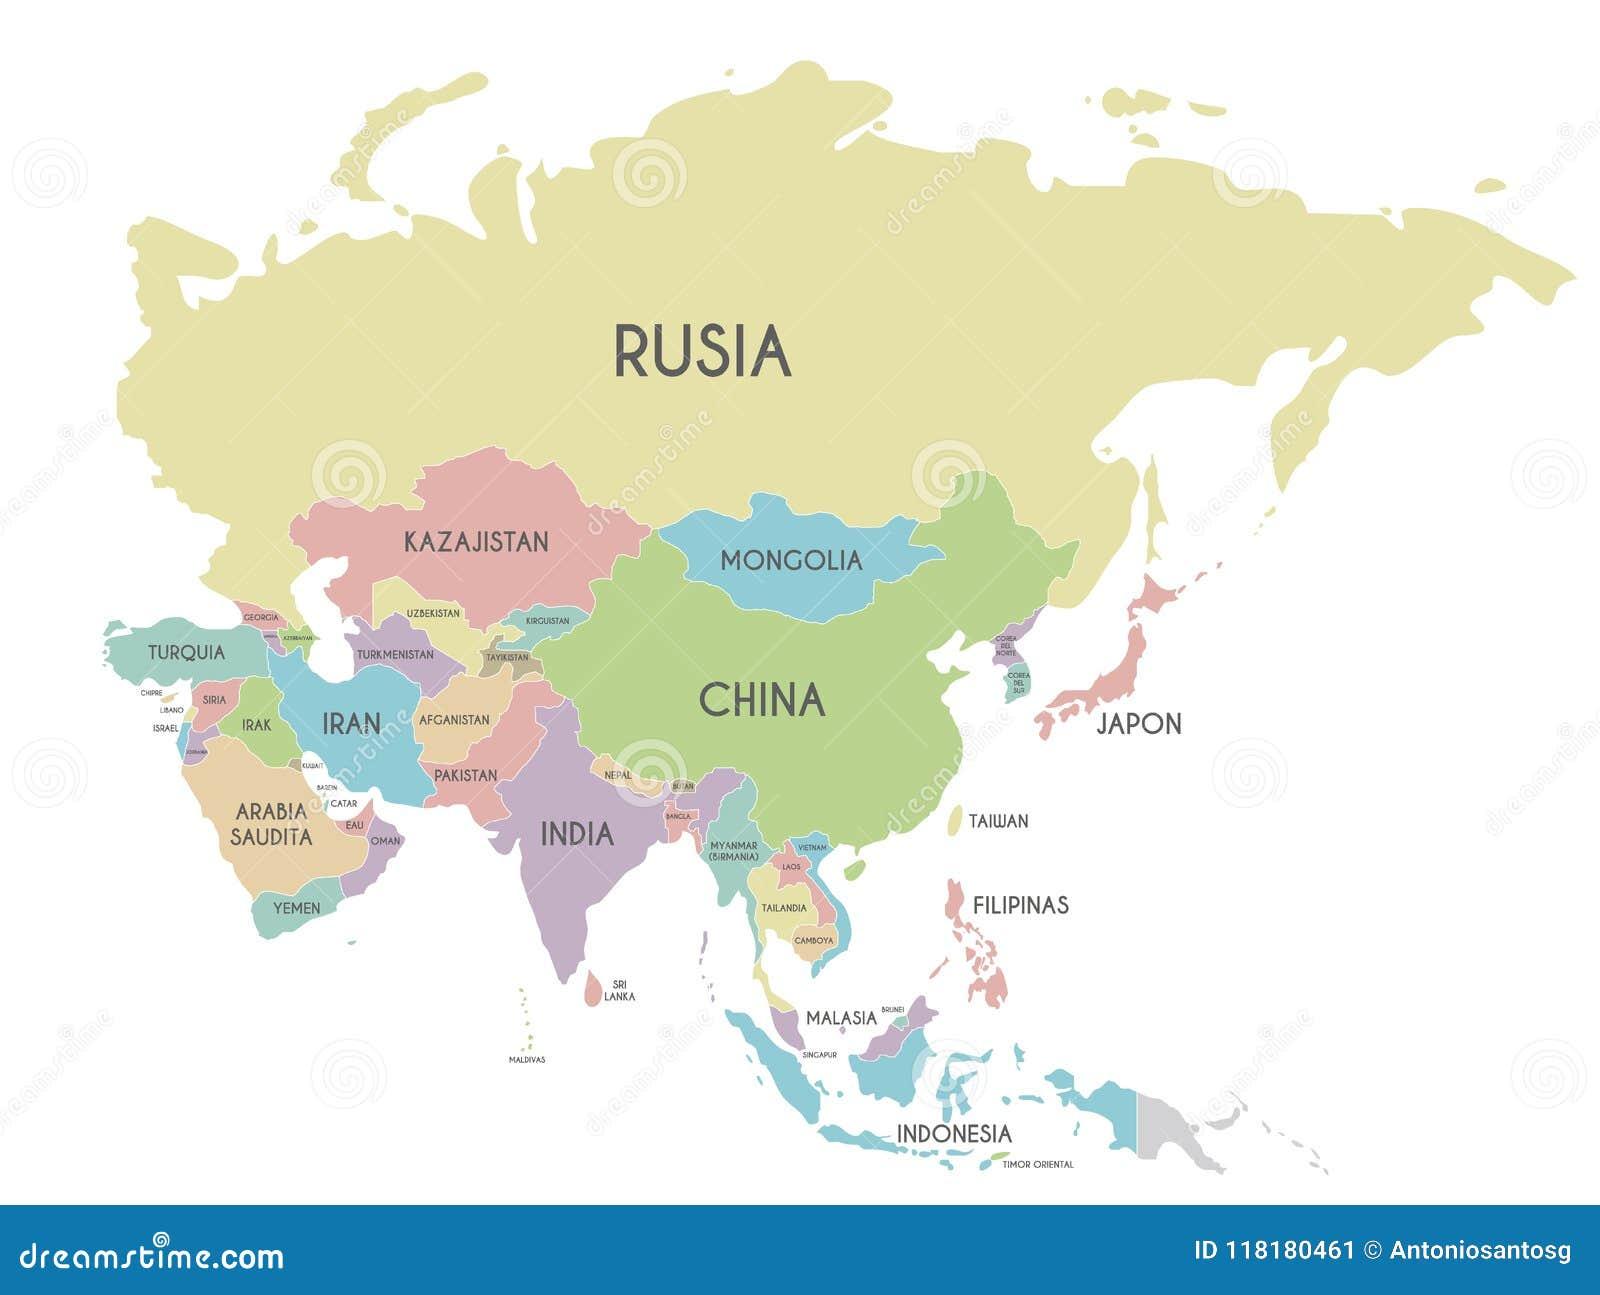 Carte Asie Politique Pays.Illustration Politique De Vecteur De Carte De L Asie D